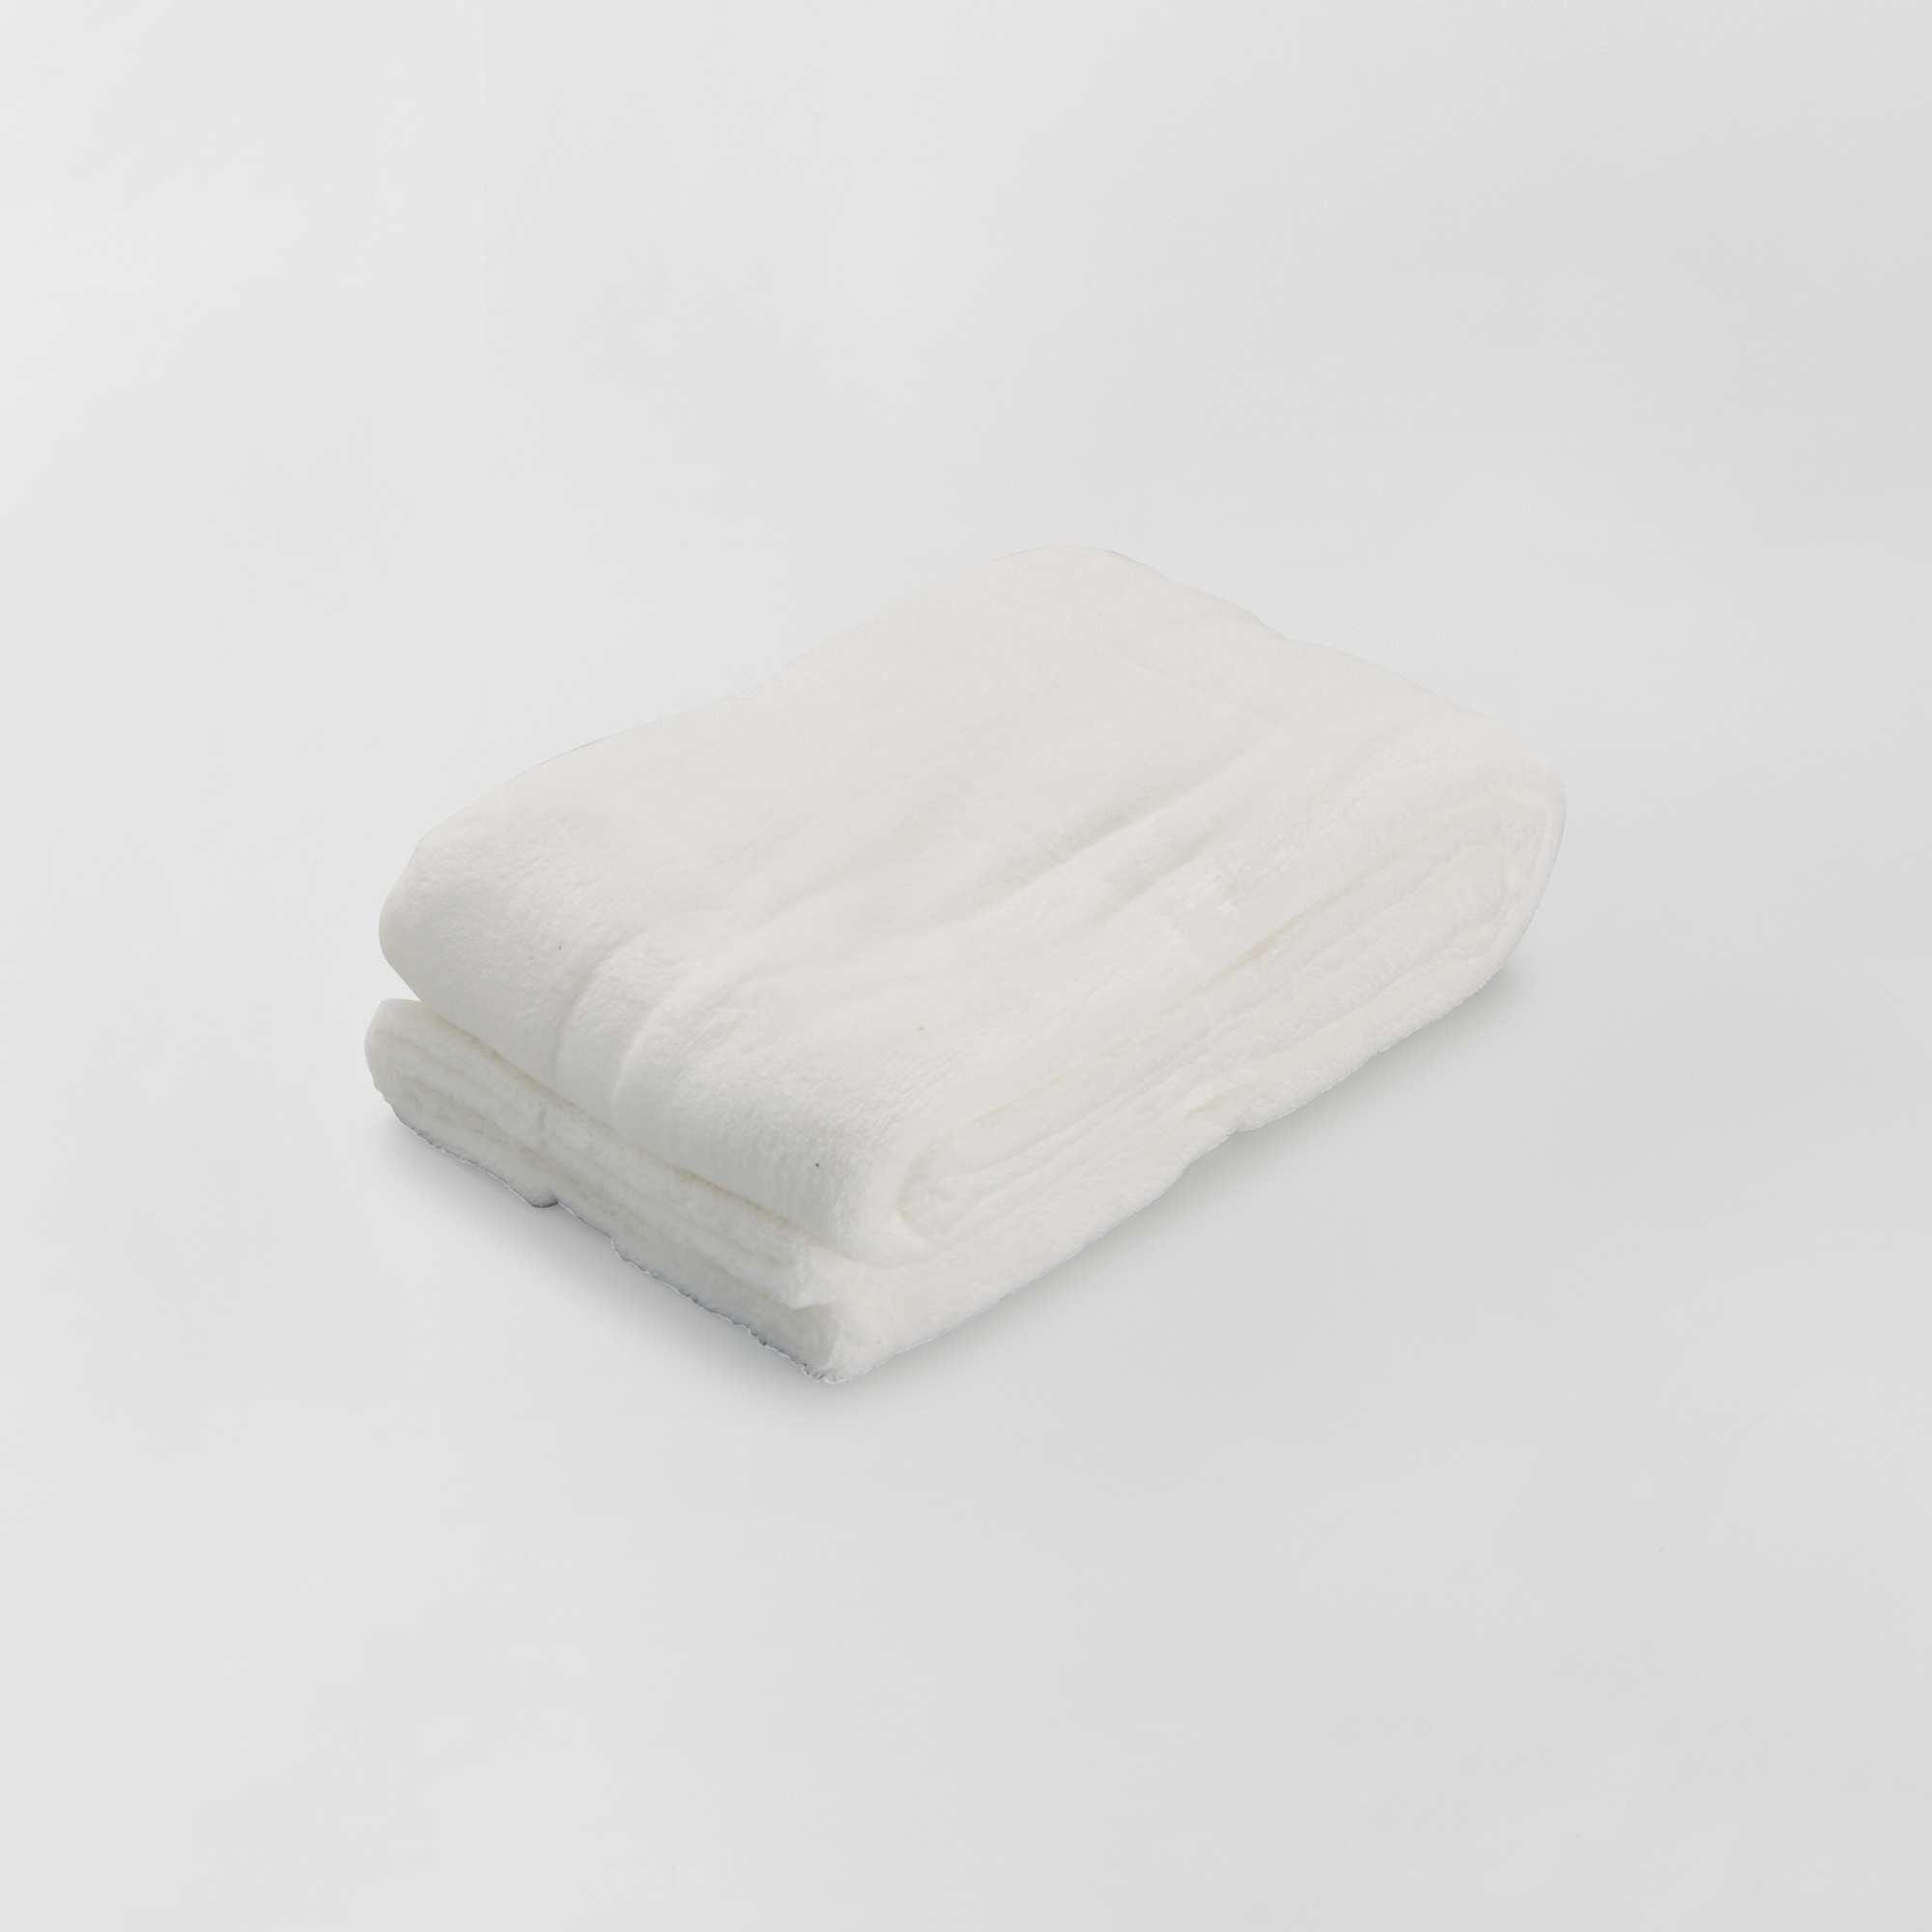 couverture polaire bébé kiabi Plaid pour bébé en polaire Bébé fille   blanc   Kiabi   5,00€ couverture polaire bébé kiabi